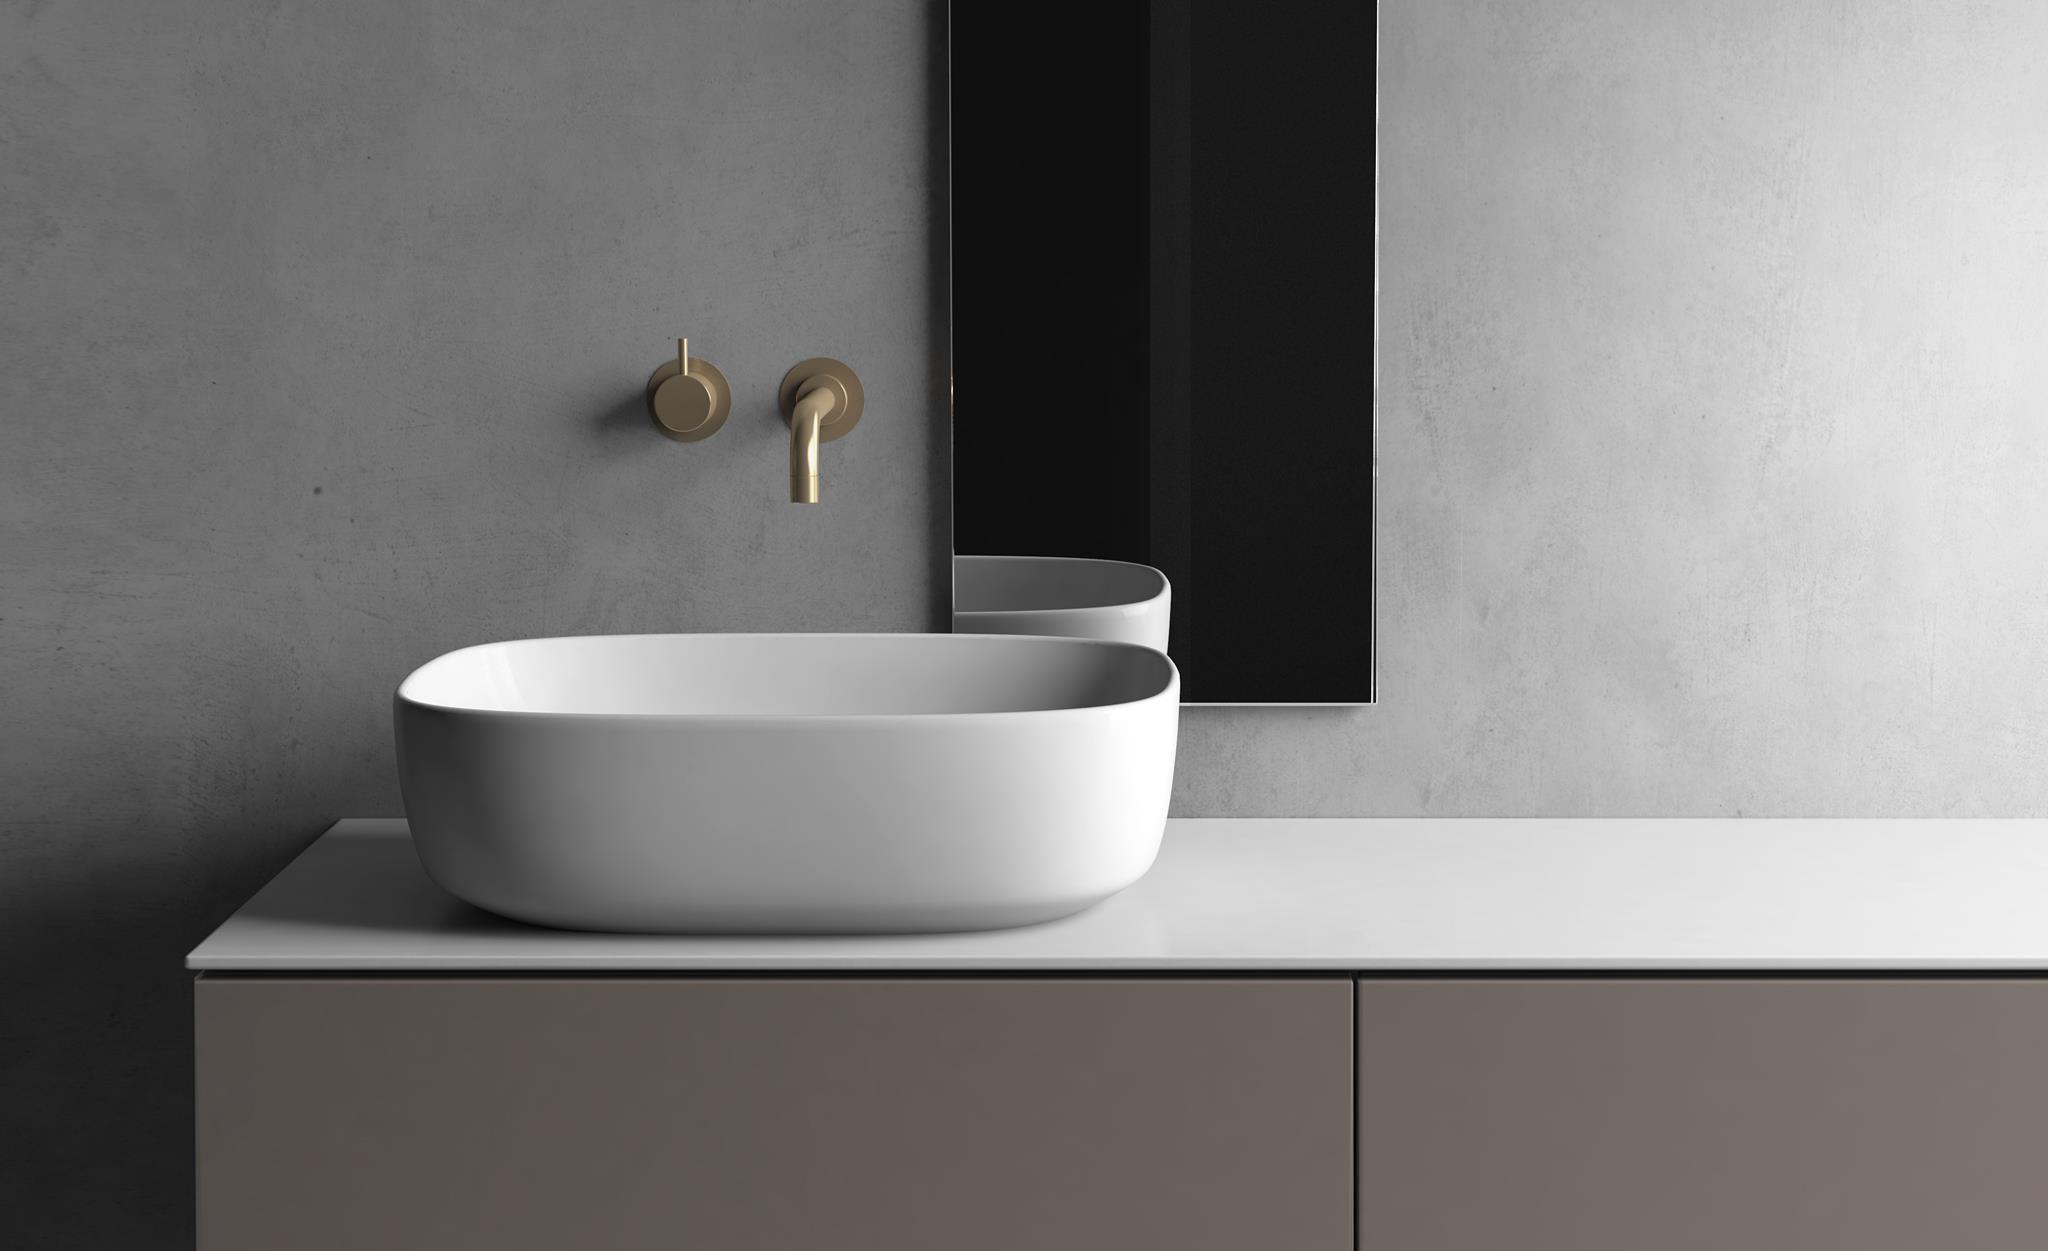 Những sản phẩm tuyệt vời dành cho không gian tắm công nghệ